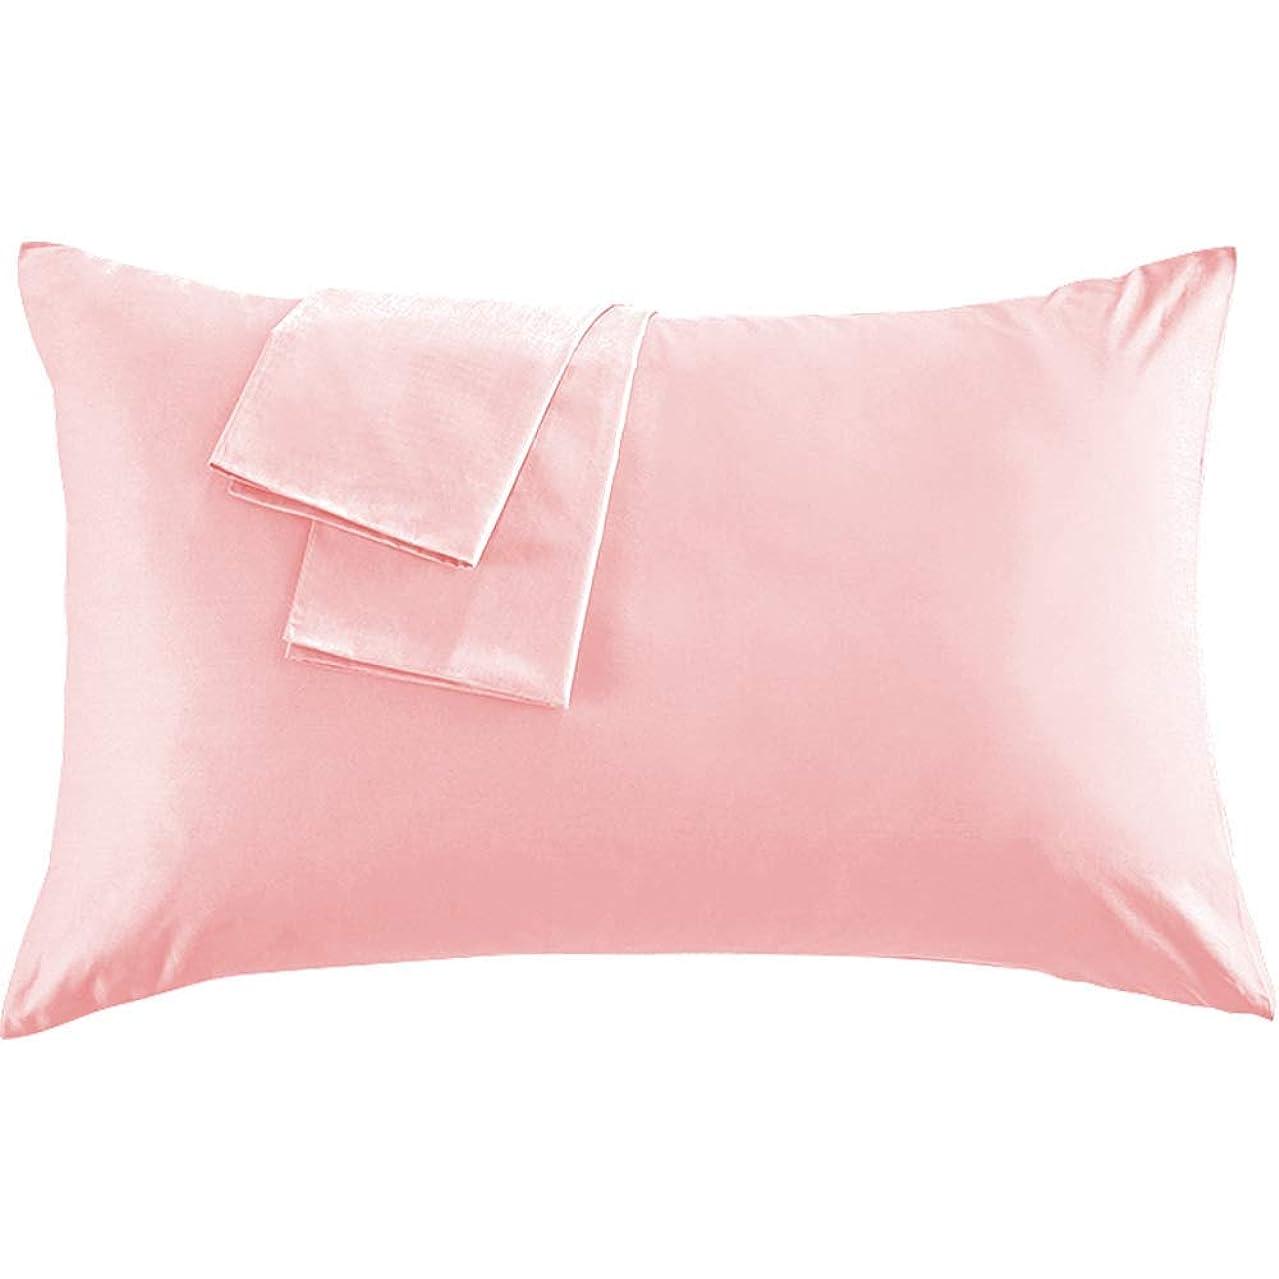 ケーキチャットコイン枕カバー 上質な綿100% 300本高密度生地 ホテル品質 雲のように柔らかな手触りがあり 封筒式 防ダニ 抗菌 防臭 3サイズ 選べる9色 (43×63cm,ネイビー),ピンク,43×63cm